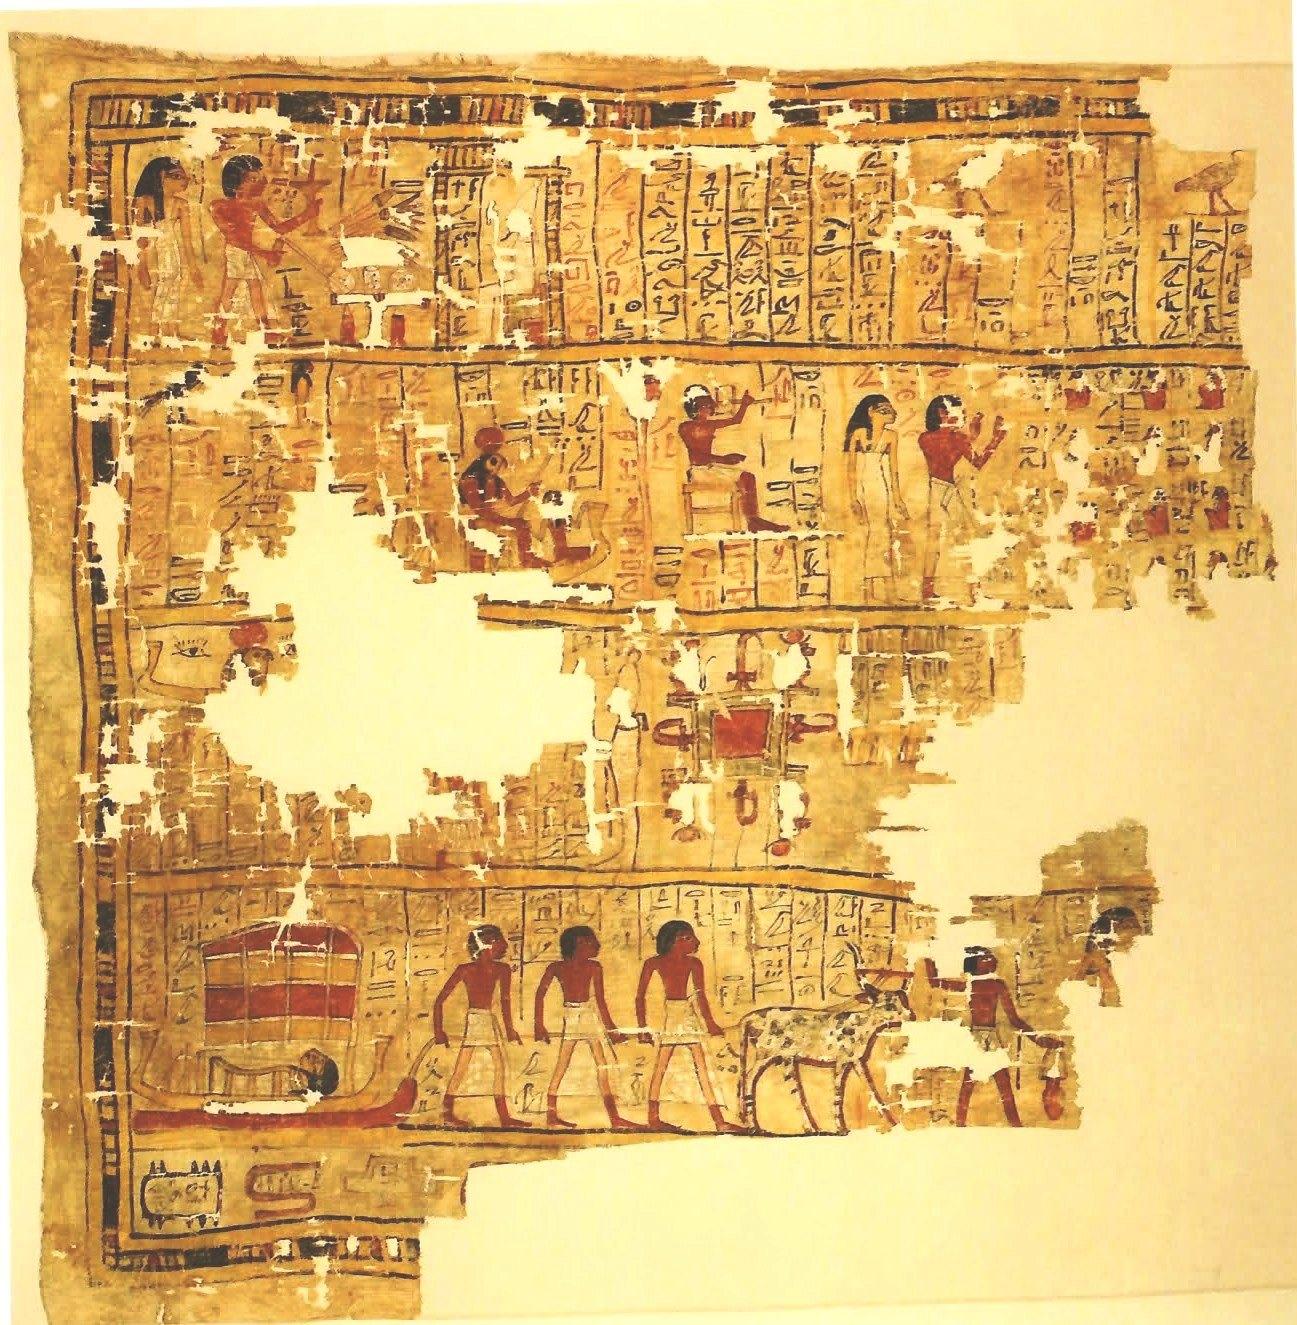 古代エジプト展 第1章 古代エジプトの死生観 呪文の変遷-(1)_c0011649_2318172.jpg